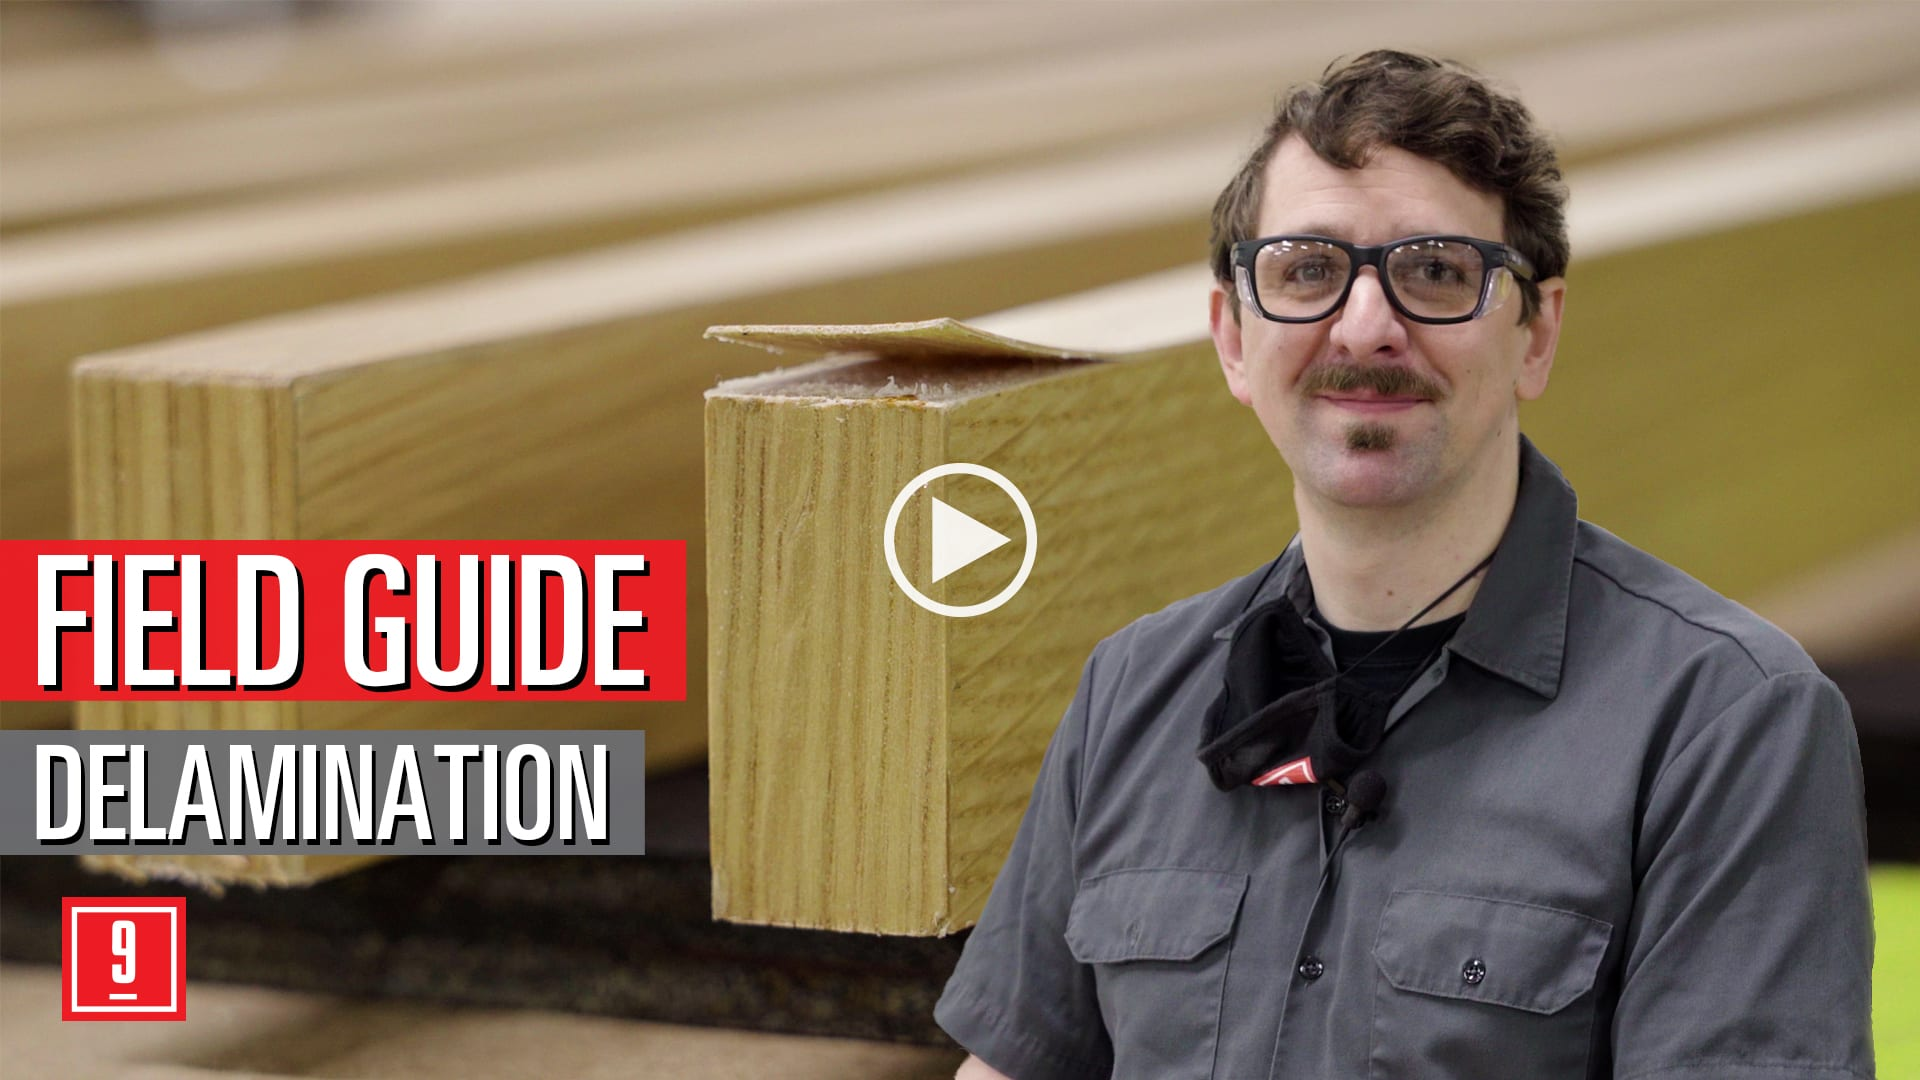 Repairing veneer delamination field guide